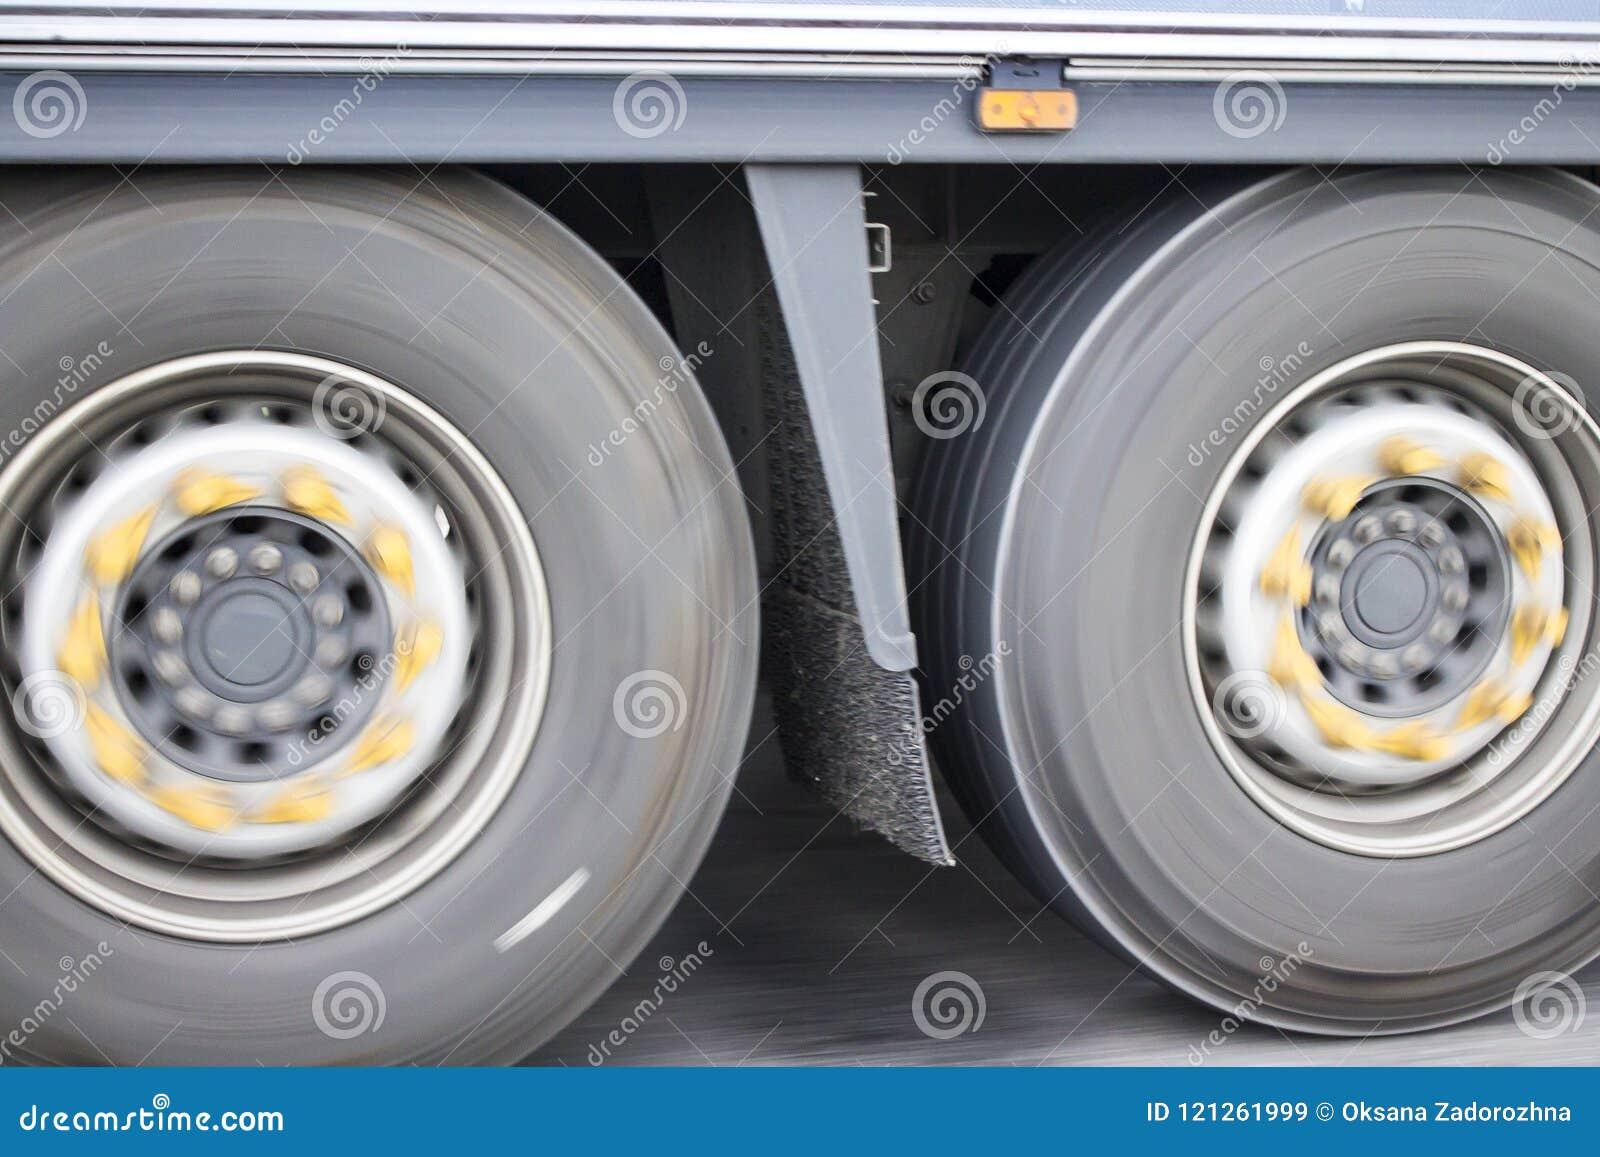 Foto van vrachtwagenwielen in motieonduidelijk beeld